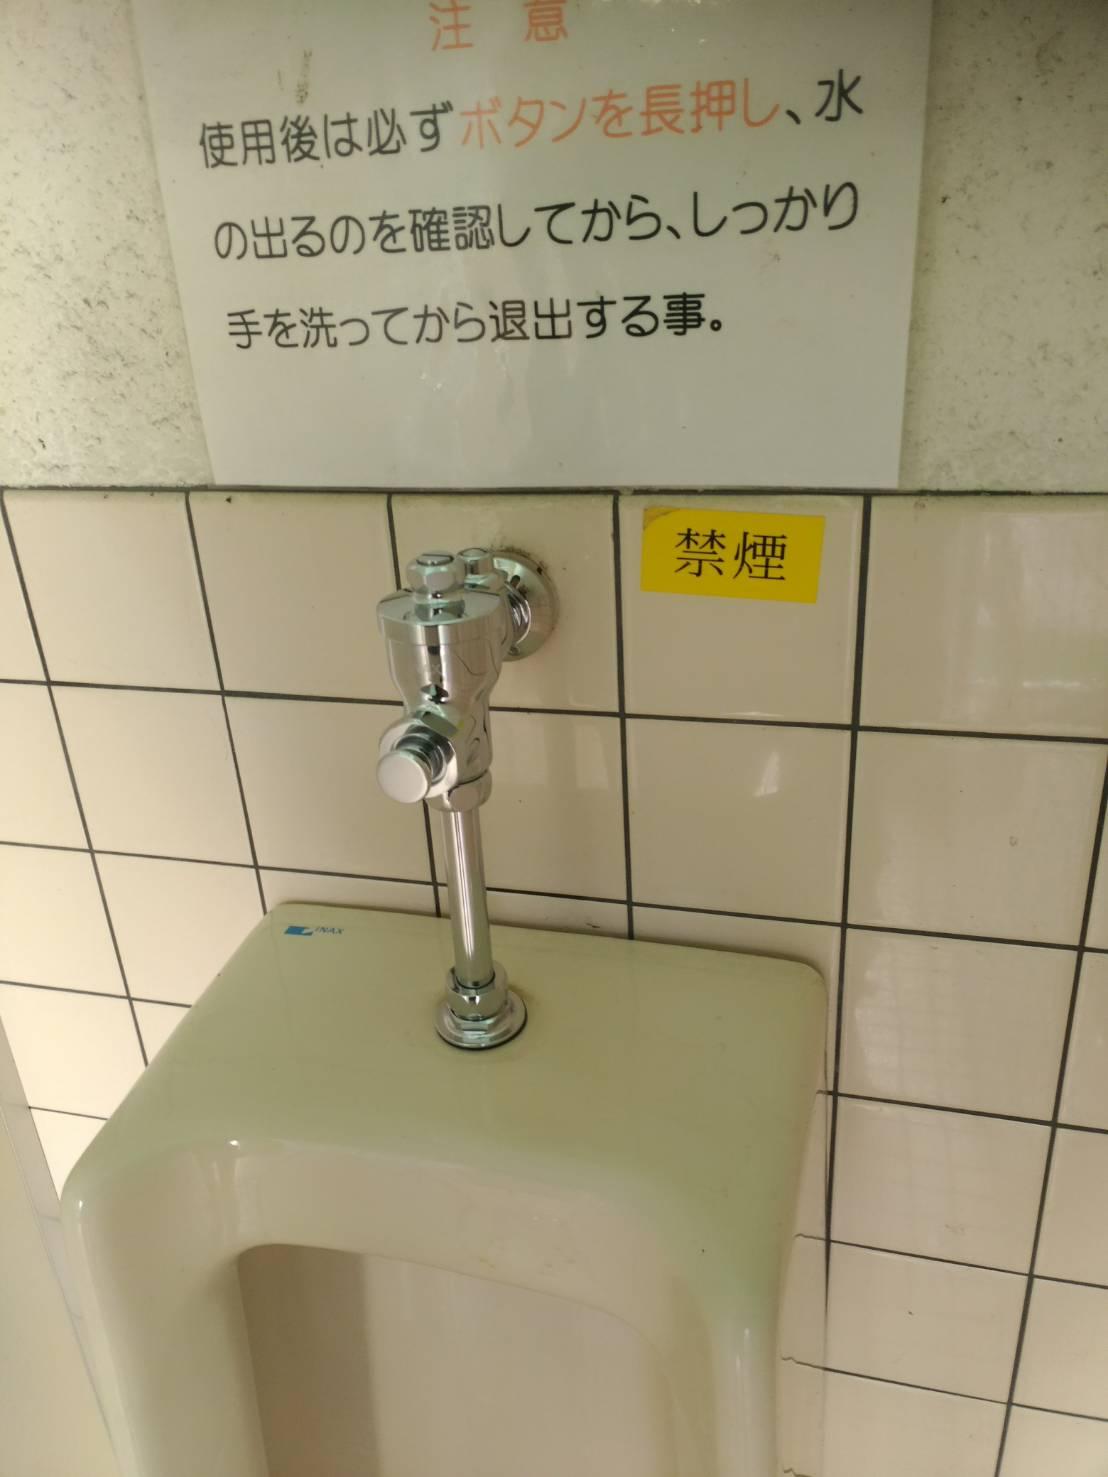 姫路市 小便器バルブ交換